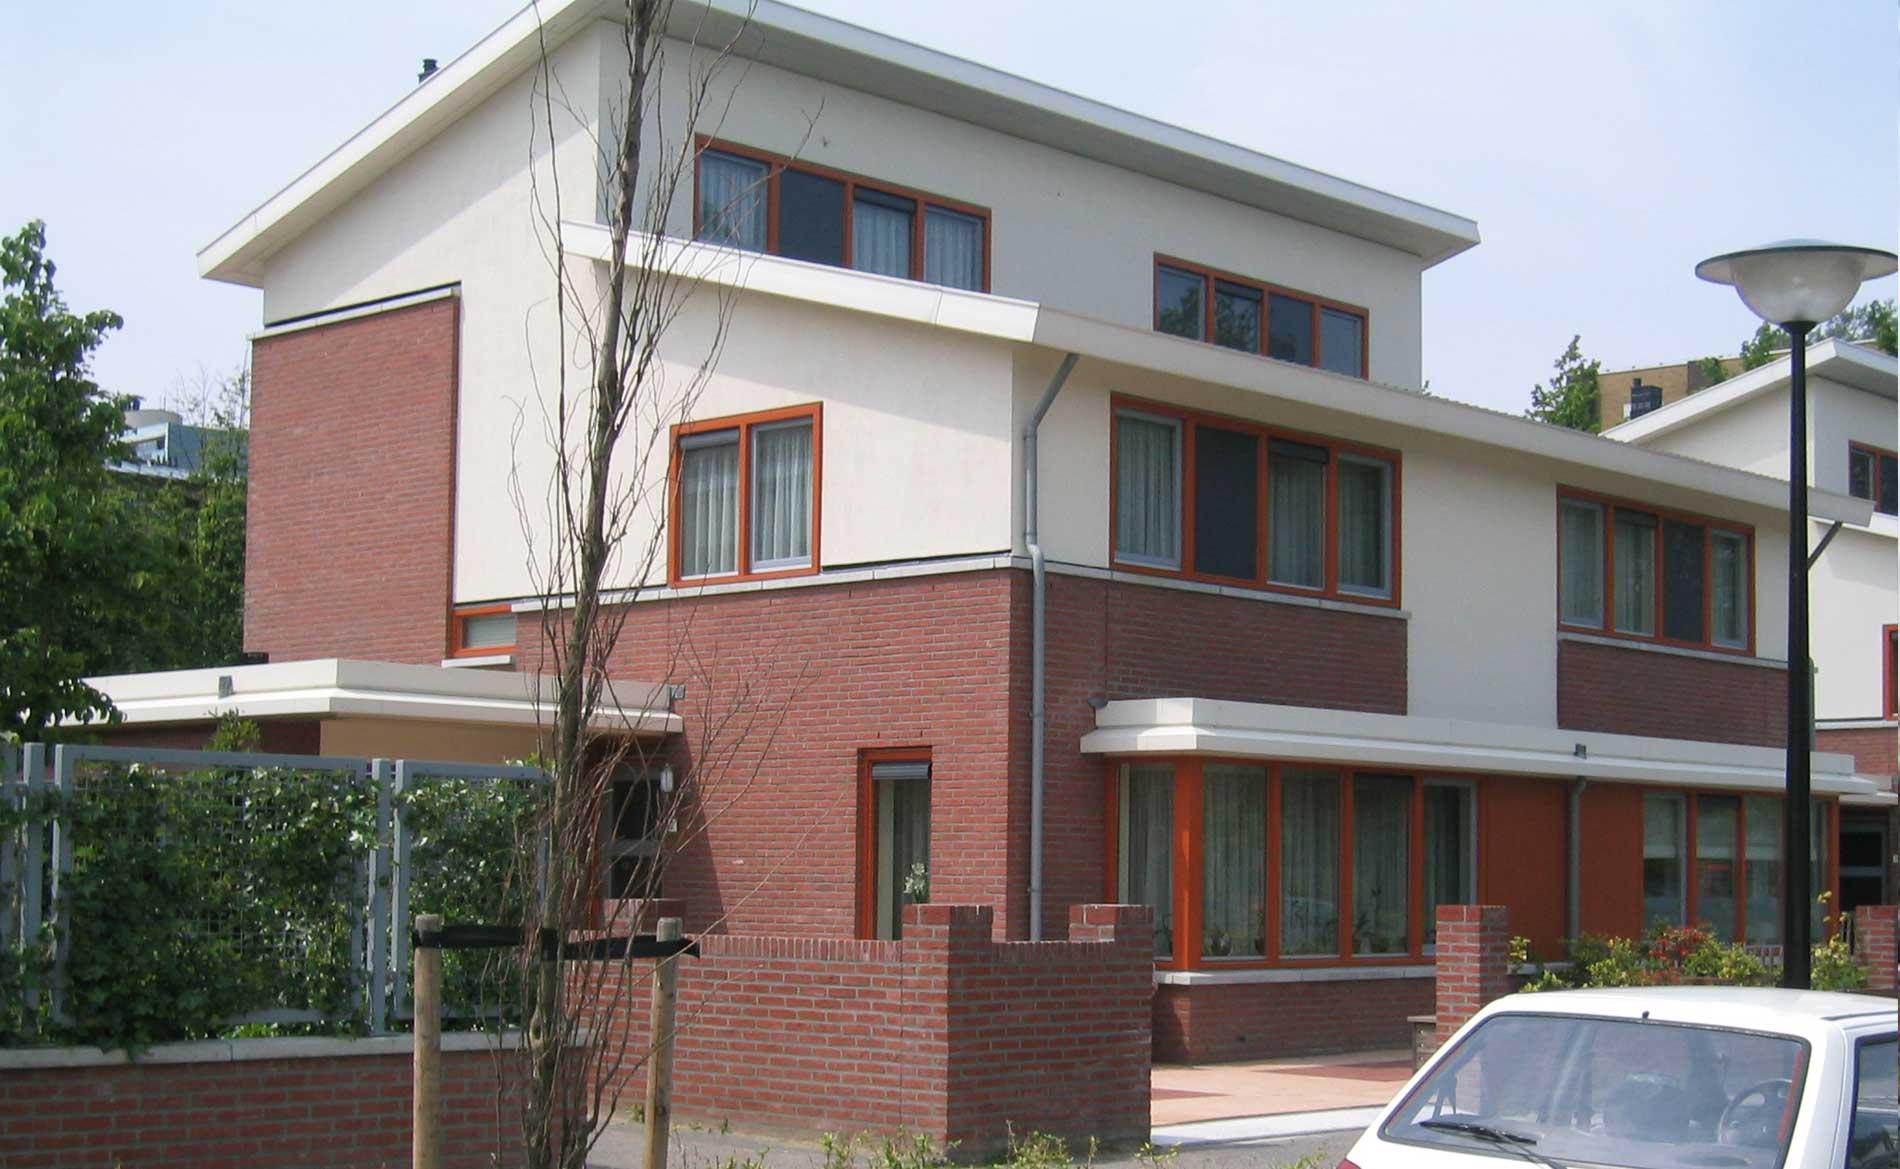 Meerestein Beverwijk Fase 2-3 stadsvernieuwing grondgebonden woningen-park BBHD architecten